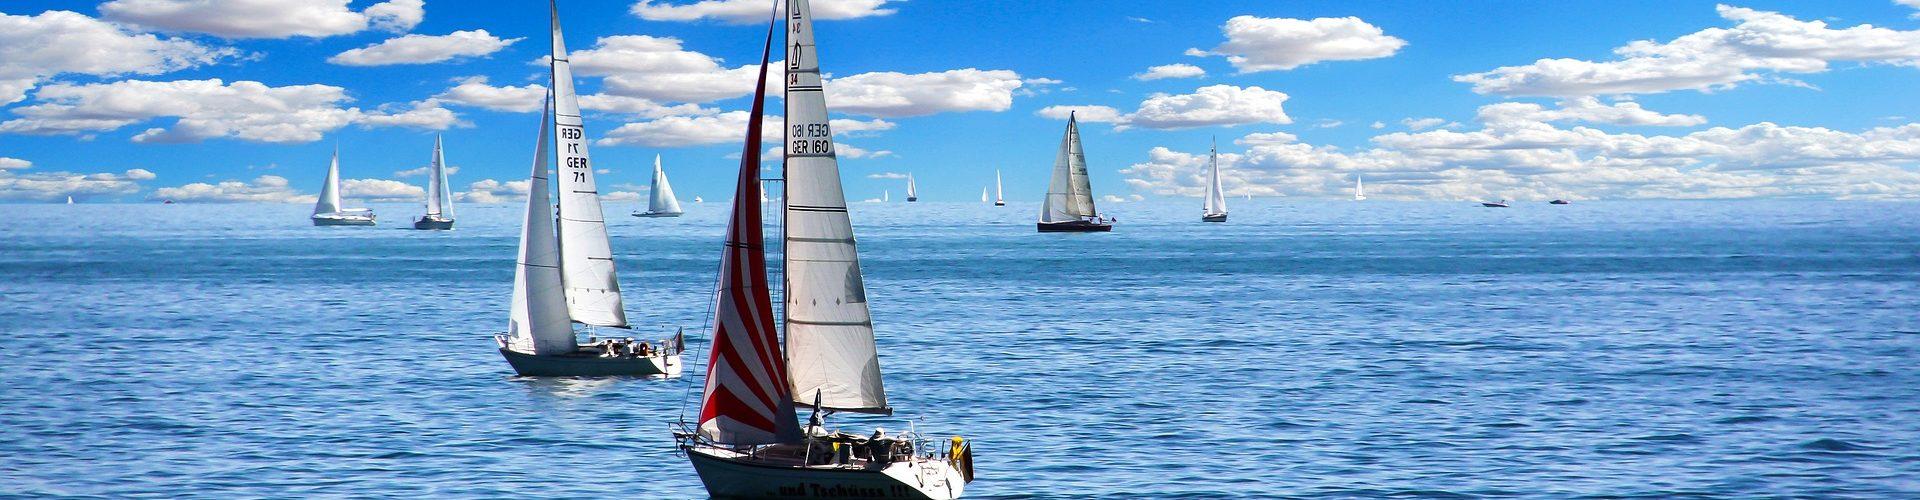 segeln lernen in Borgwedel segelschein machen in Borgwedel 1920x500 - Segeln lernen in Borgwedel